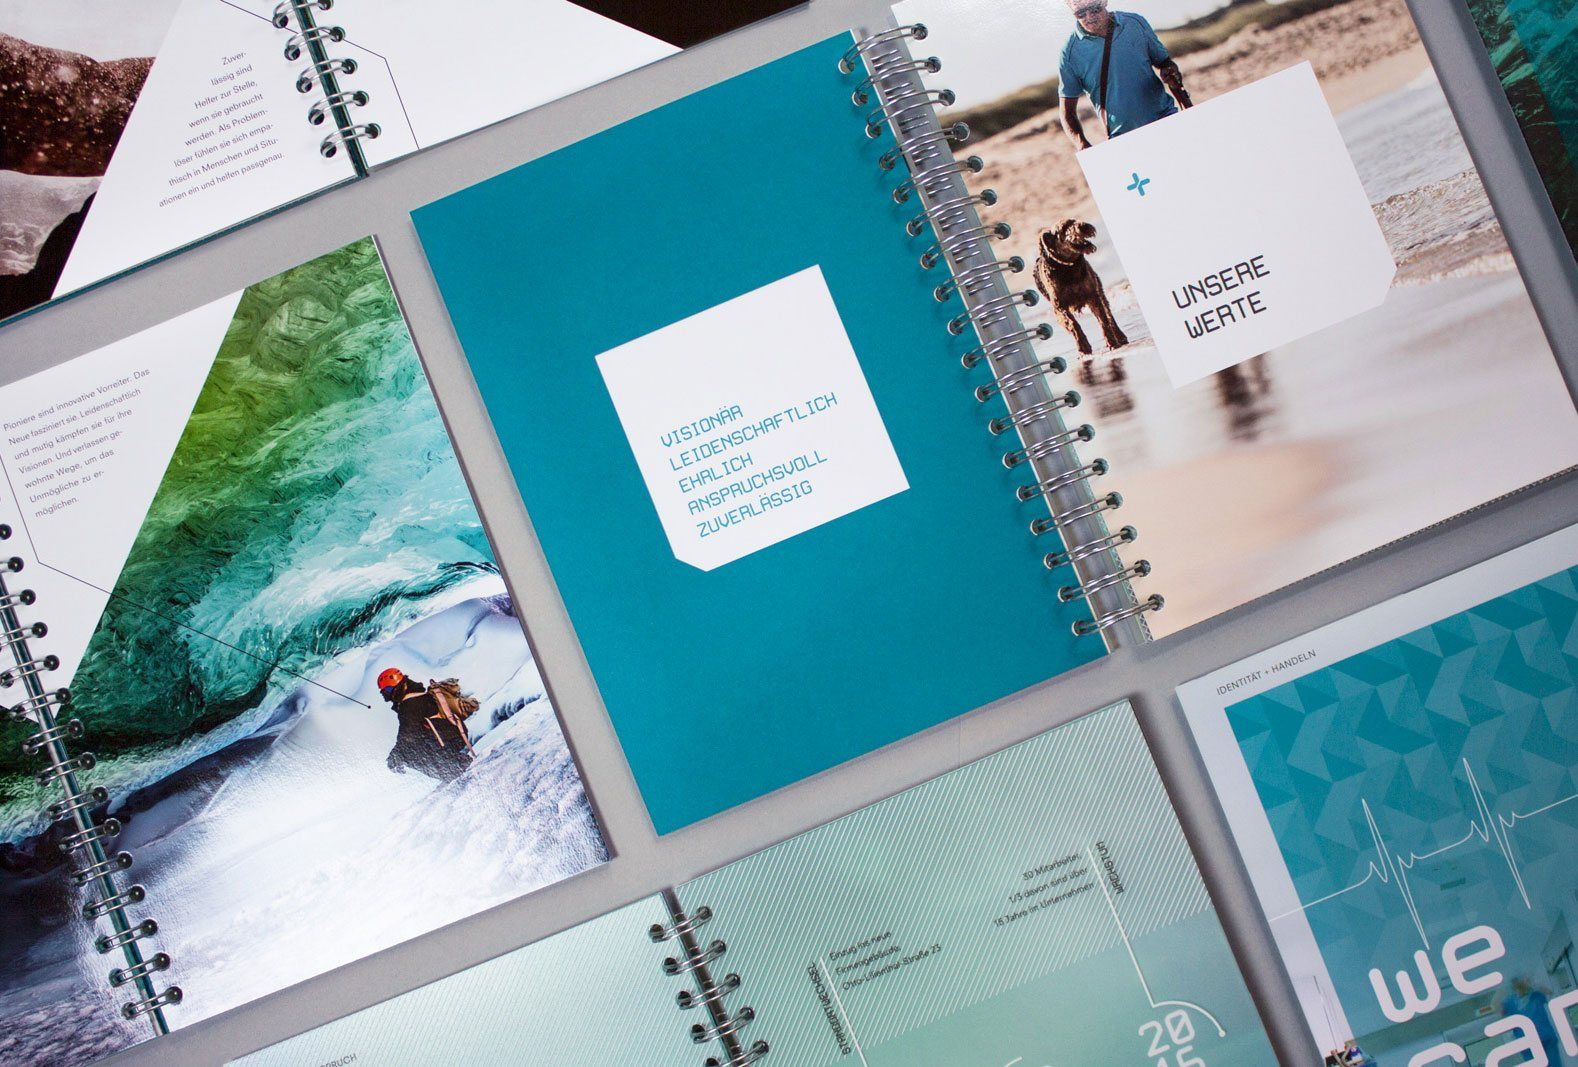 KLAGES & Partner - Brandbook Übersicht